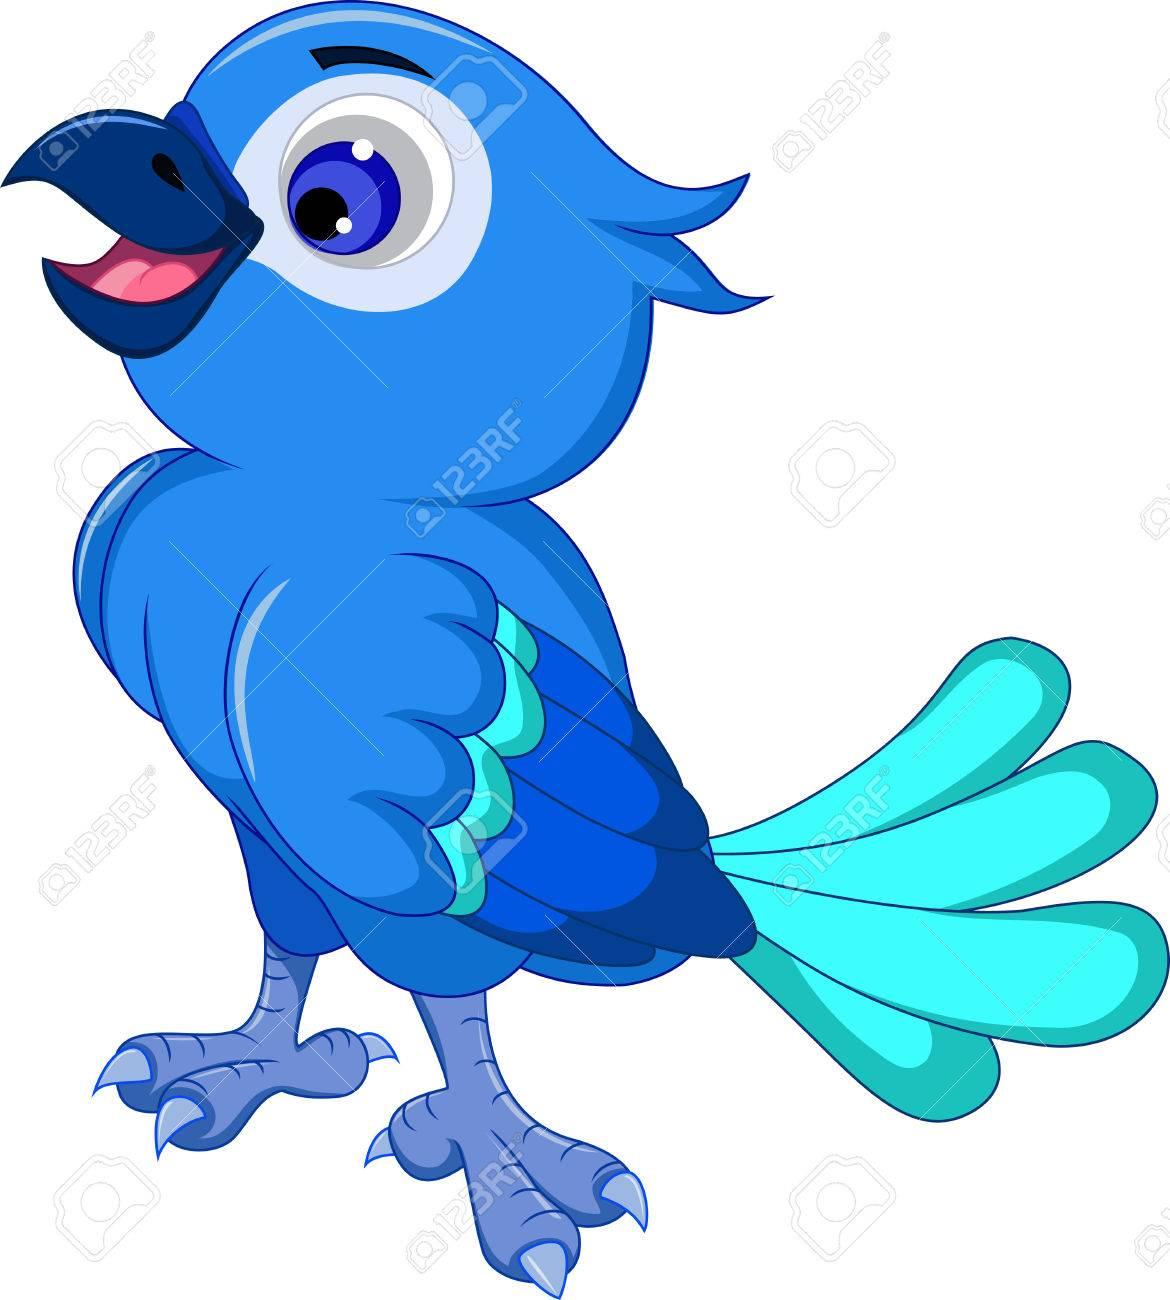 Magnífico Página Para Colorear De Pájaro Enojado Azul Bosquejo ...